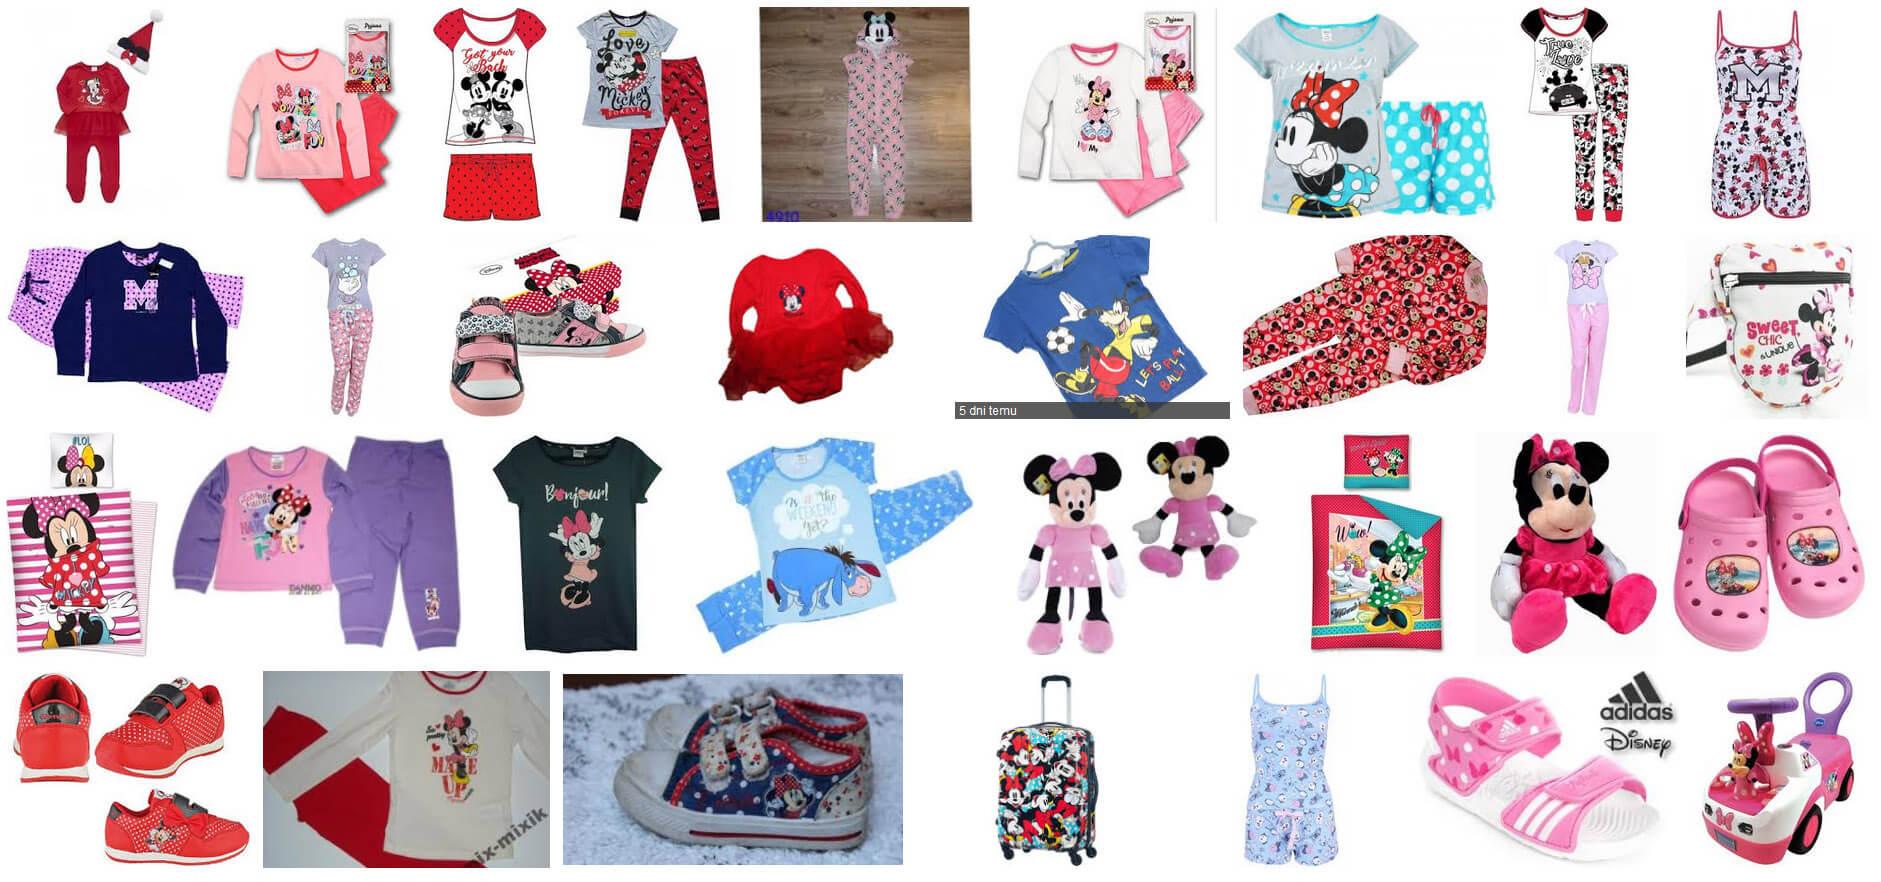 Wiele ubranek dla dzieci Disney można kupić na Allegro